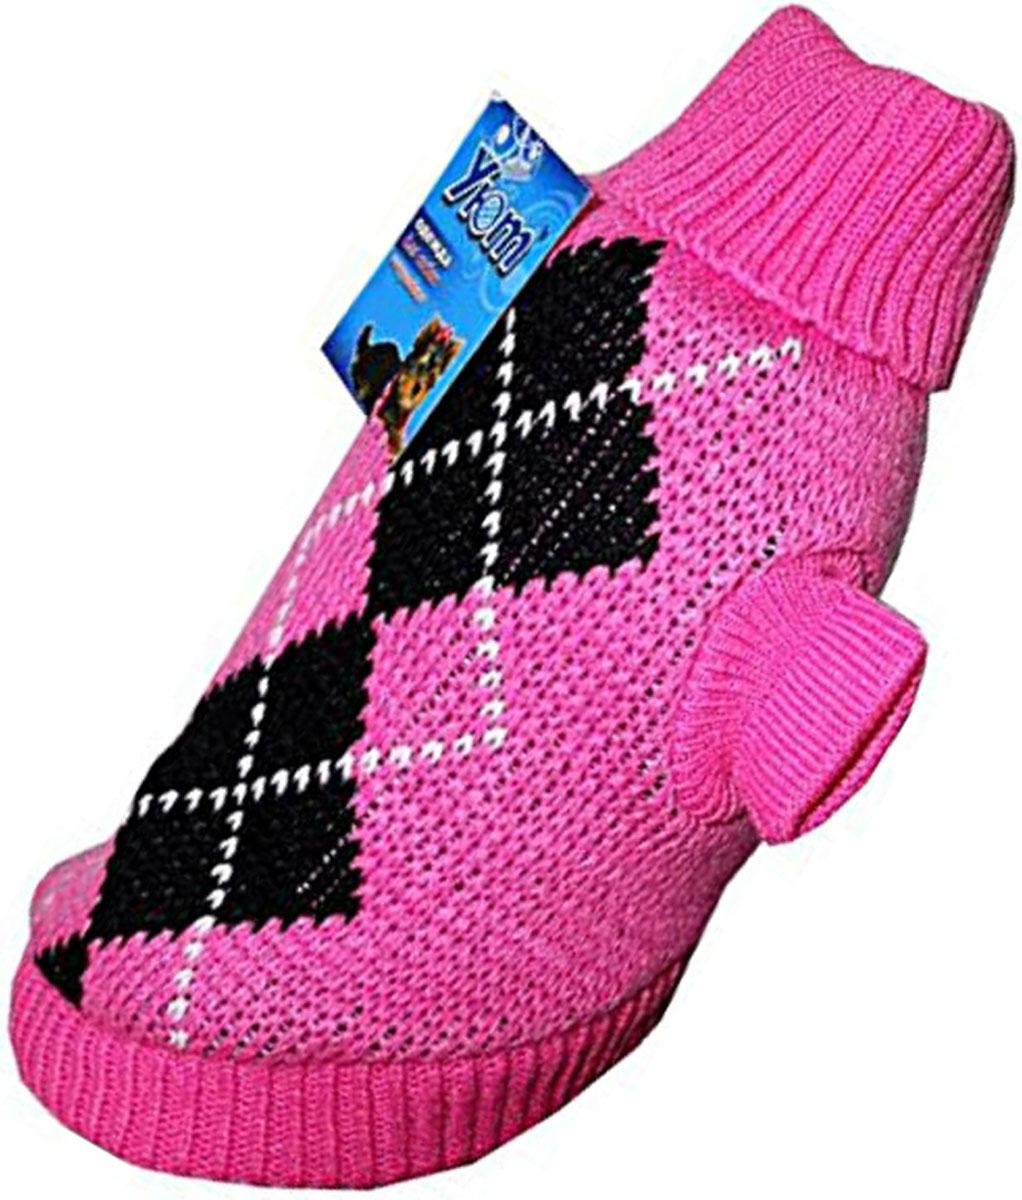 Свитер для собак Уют, для девочки, цвет: розовый. НМ11М. Размер MНМ11МКрасивый вязаный свитер для собак Уют выполнен из акрила. Рукава, воротник и низ изделия дополнены эластичными трикотажными резинками для плотного прилегания. Модель декорирована красивым рисунком в виде ромбов. В таком свитере вашей собачке будет тепло и уютно. Обхват шеи: 27-30 см.Обхват груди: 39-47 см.Длина спинки: 30 см.Одежда для собак: нужна ли она и как её выбрать. Статья OZON Гид